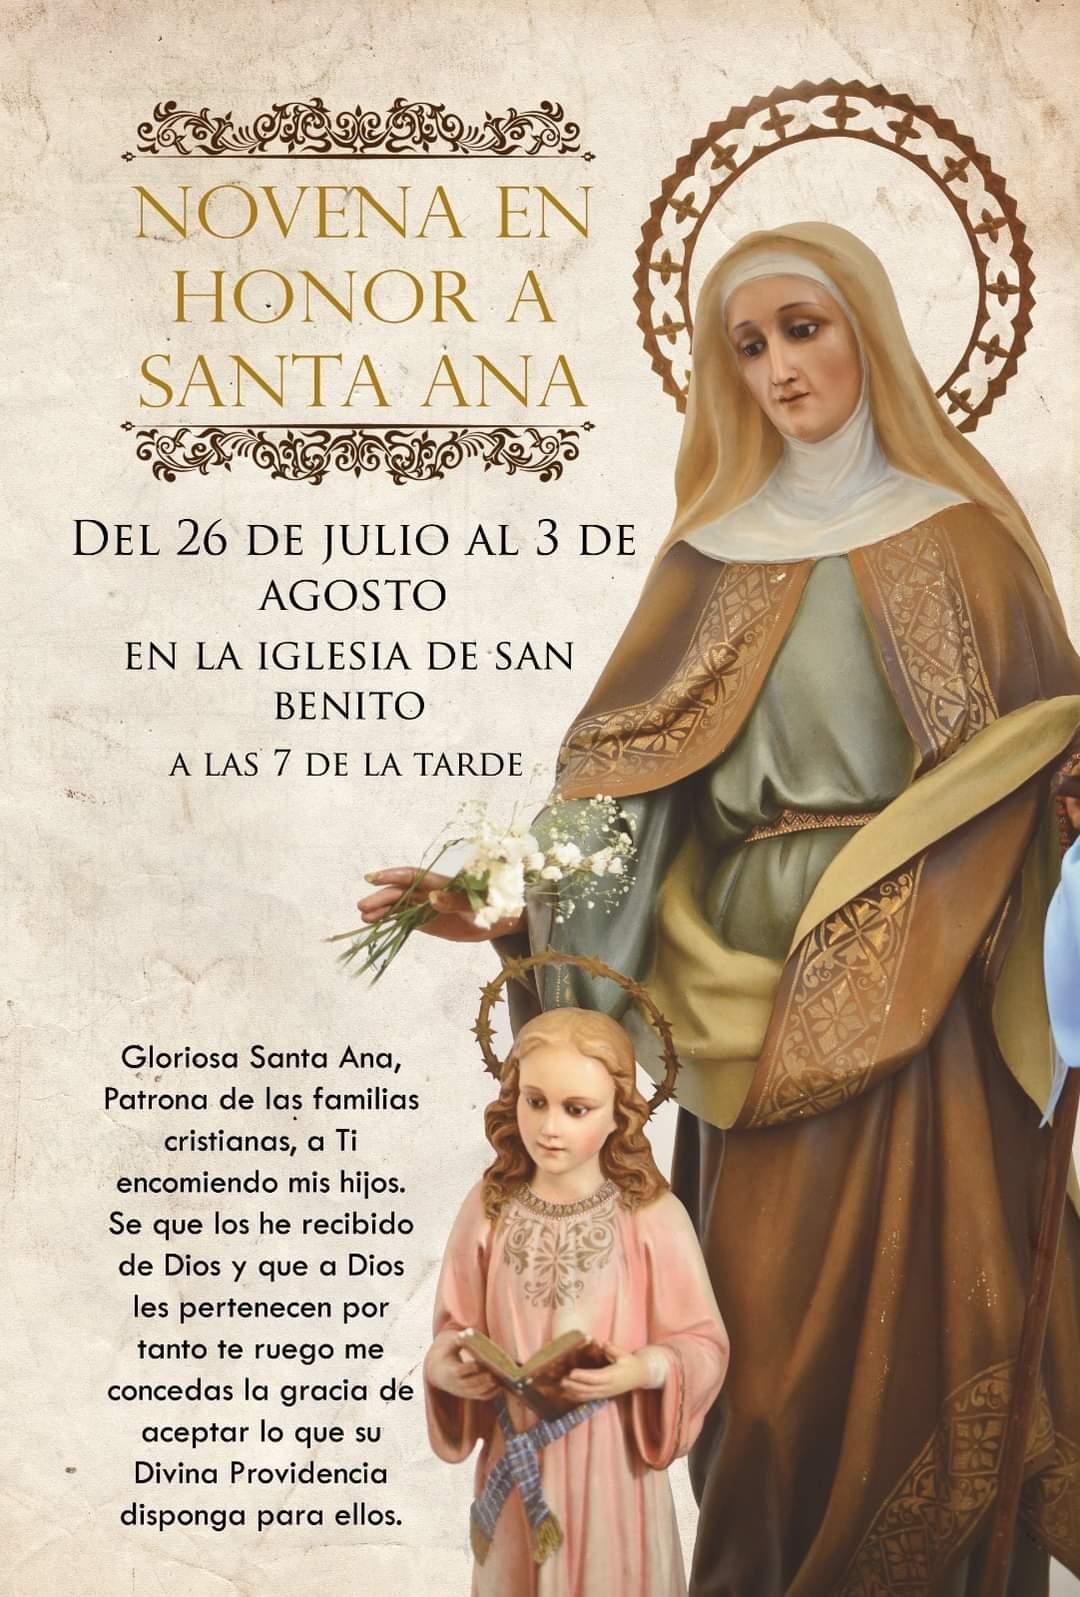 Novena en honor a Santa Ana